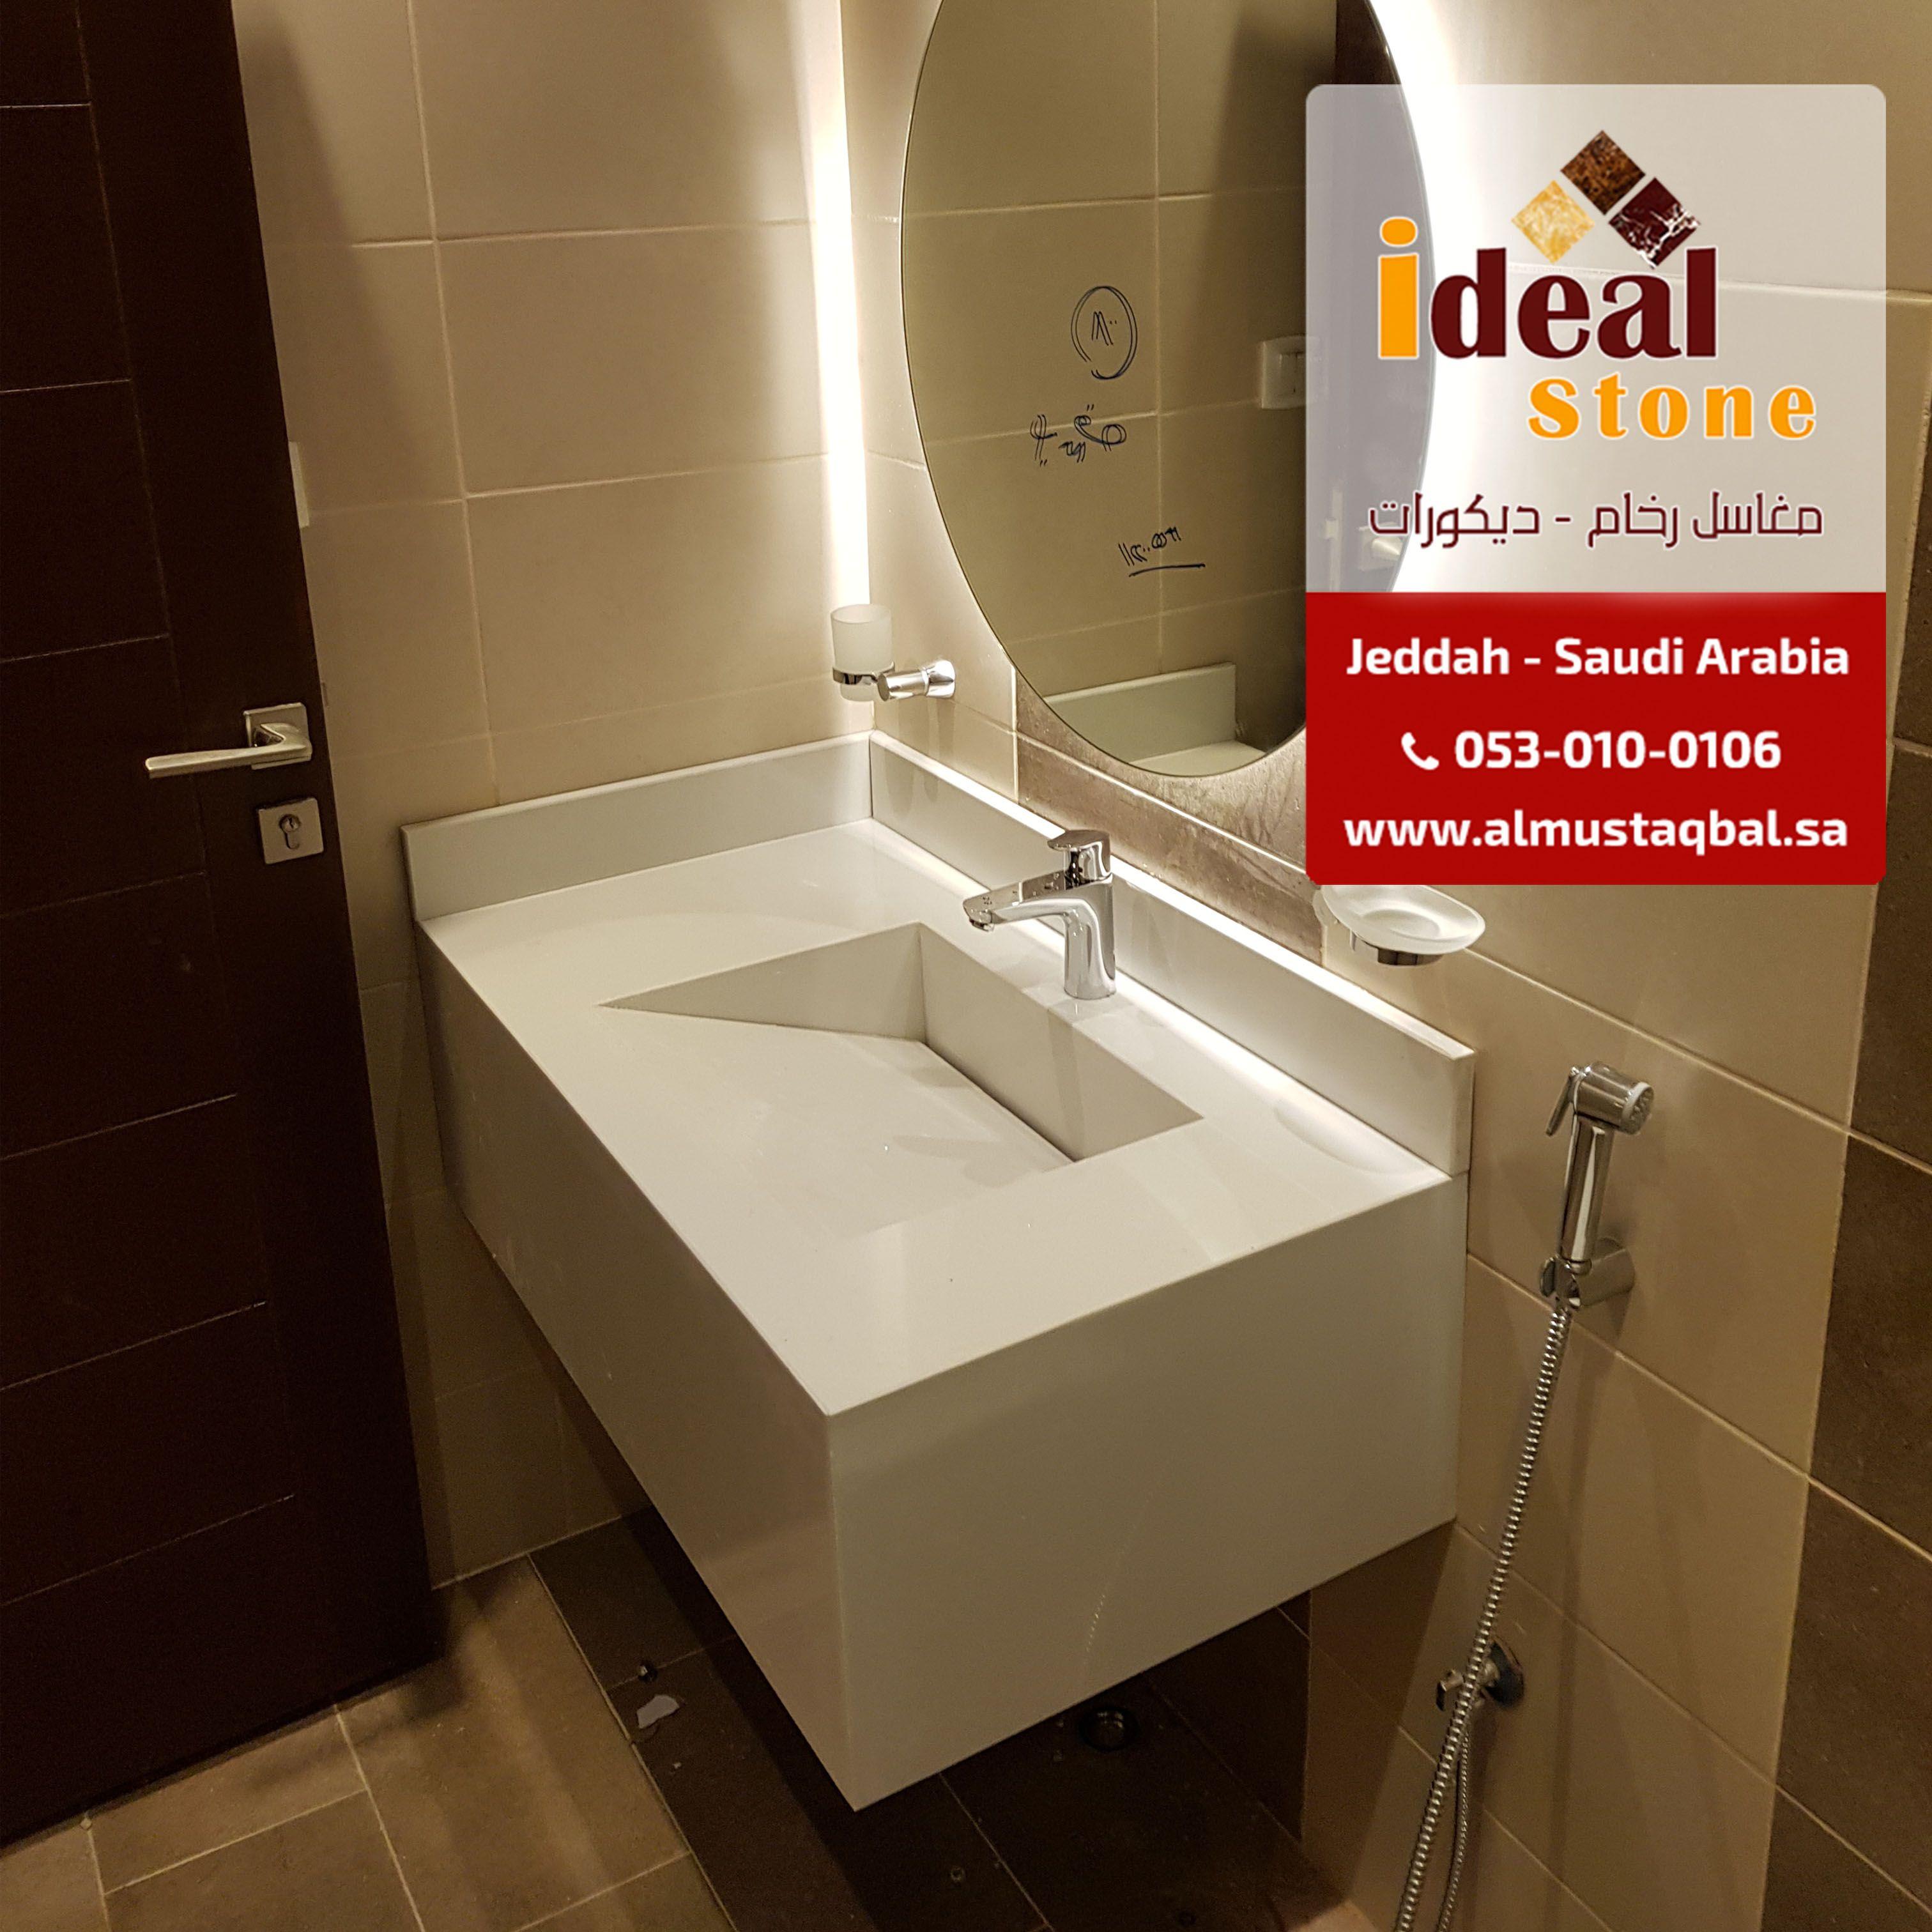 تفصيل مغاسل رخام حسب الطلب متوفر مغاسل رخام طبيعي وصناعي يتم التفصيل حسب رغبة العميل من لون الر Bathroom Design Luxury Bathroom Interior Design Bathroom Design